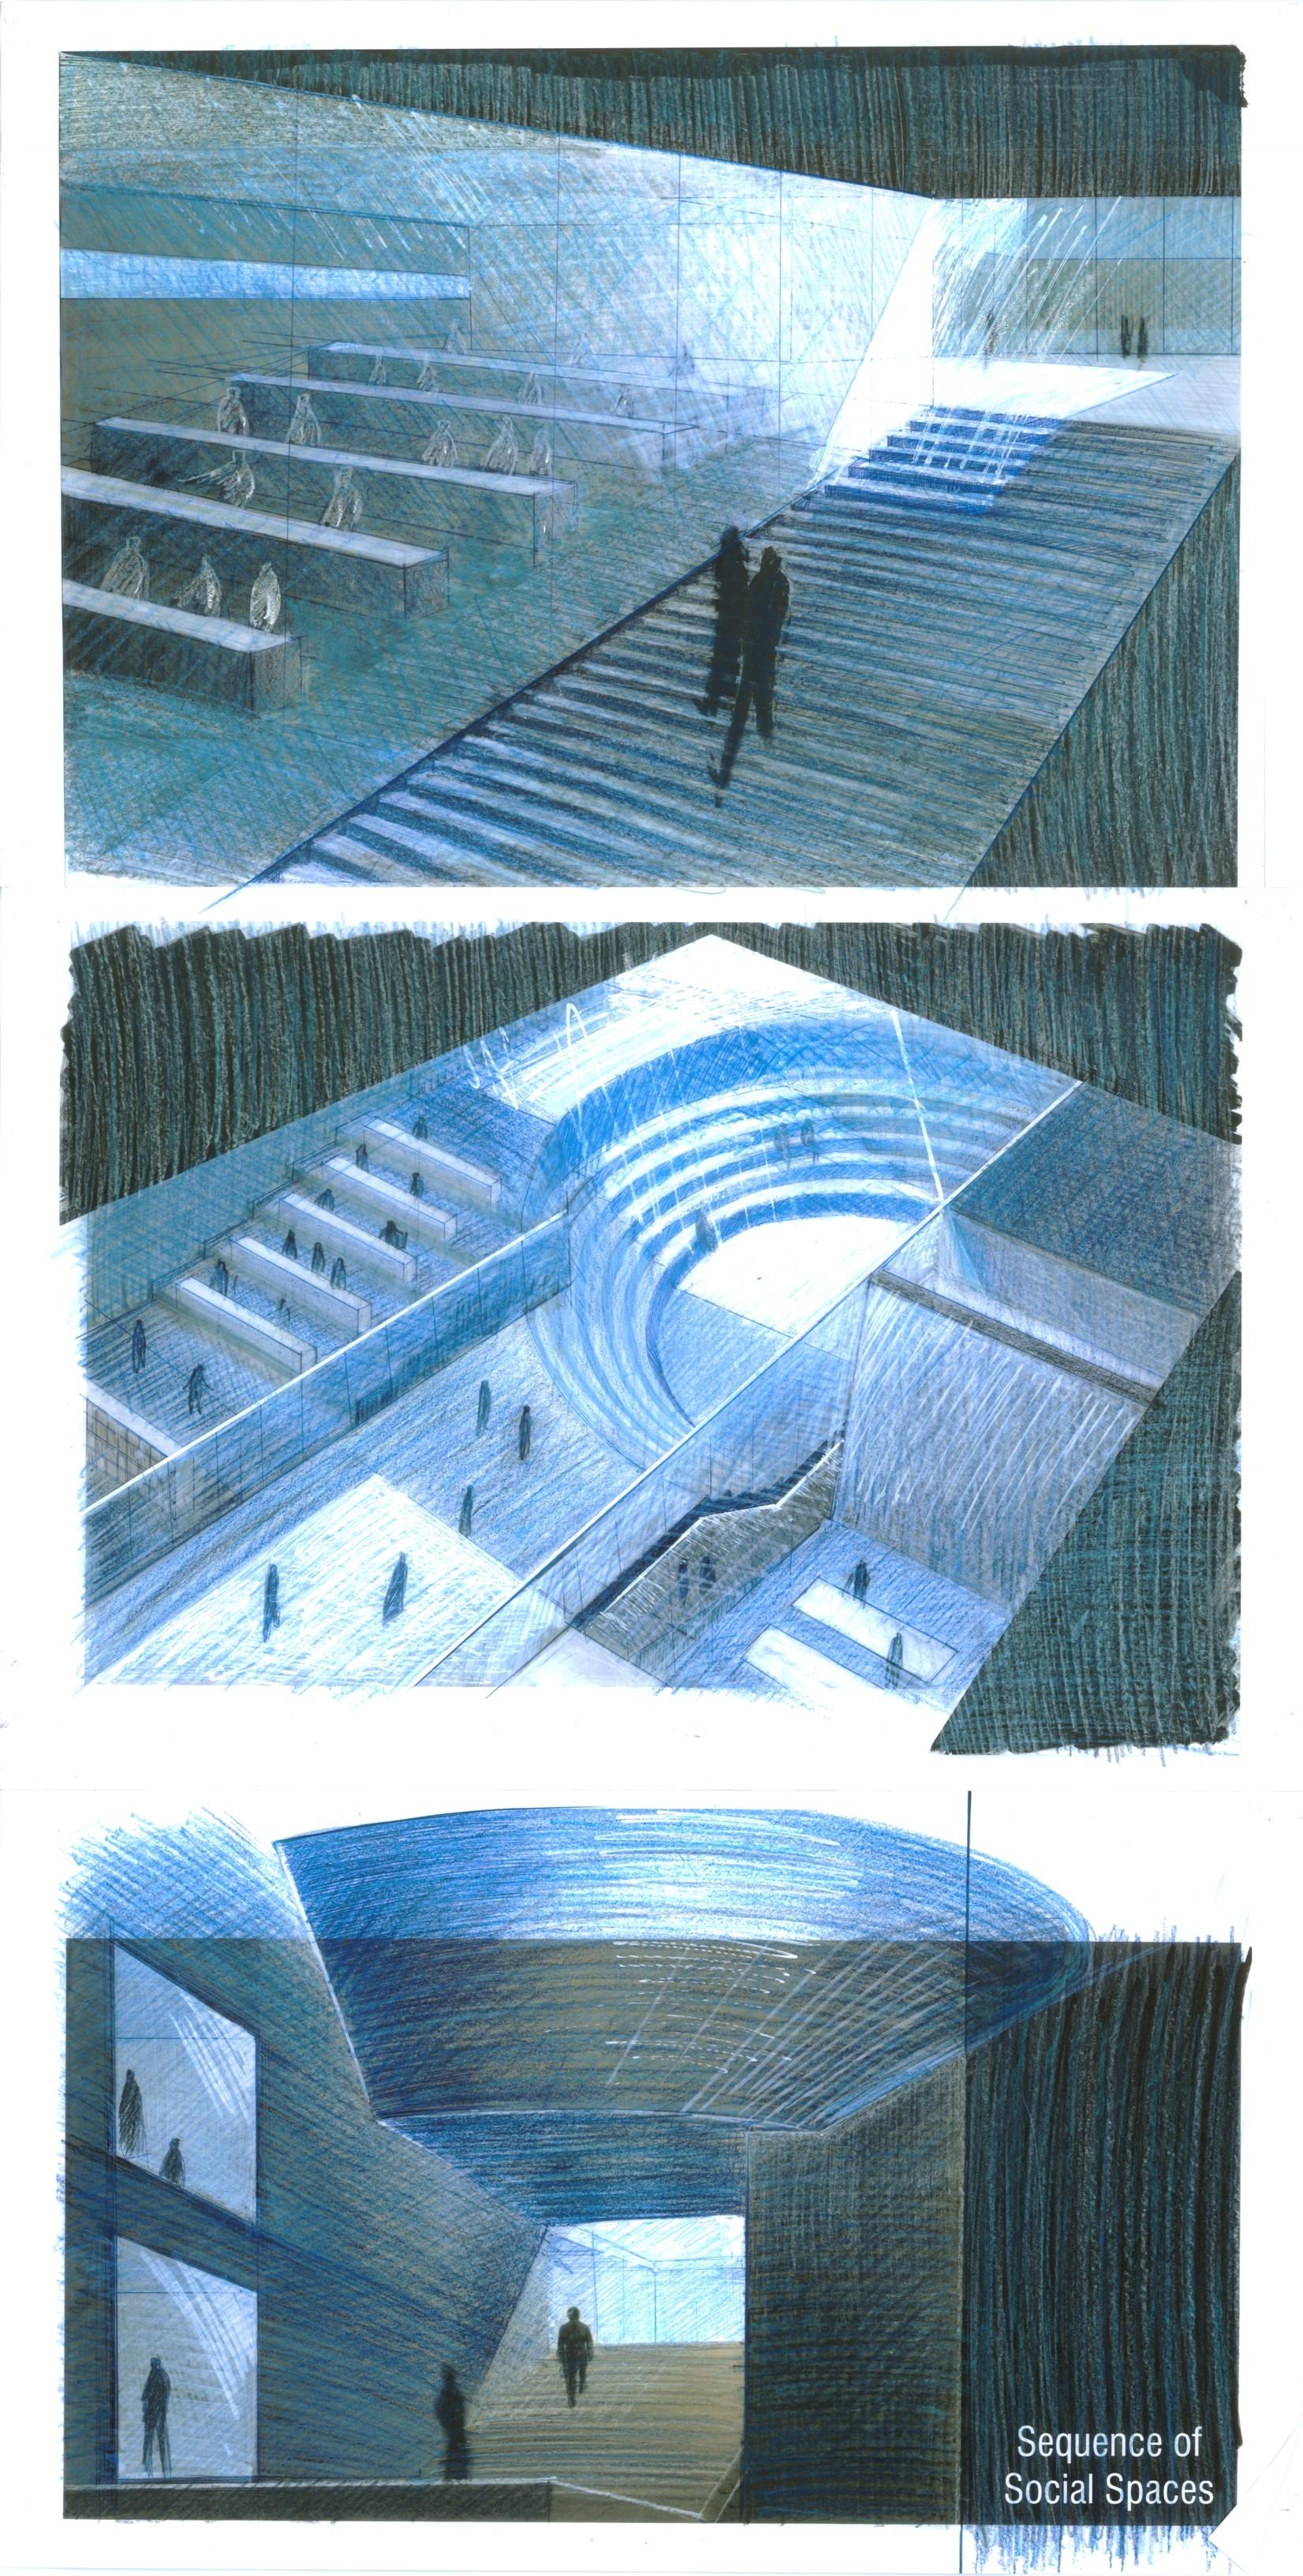 Galer a de tadao ando y el centro roberto garza sada de Arte arquitectura y diseno definicion